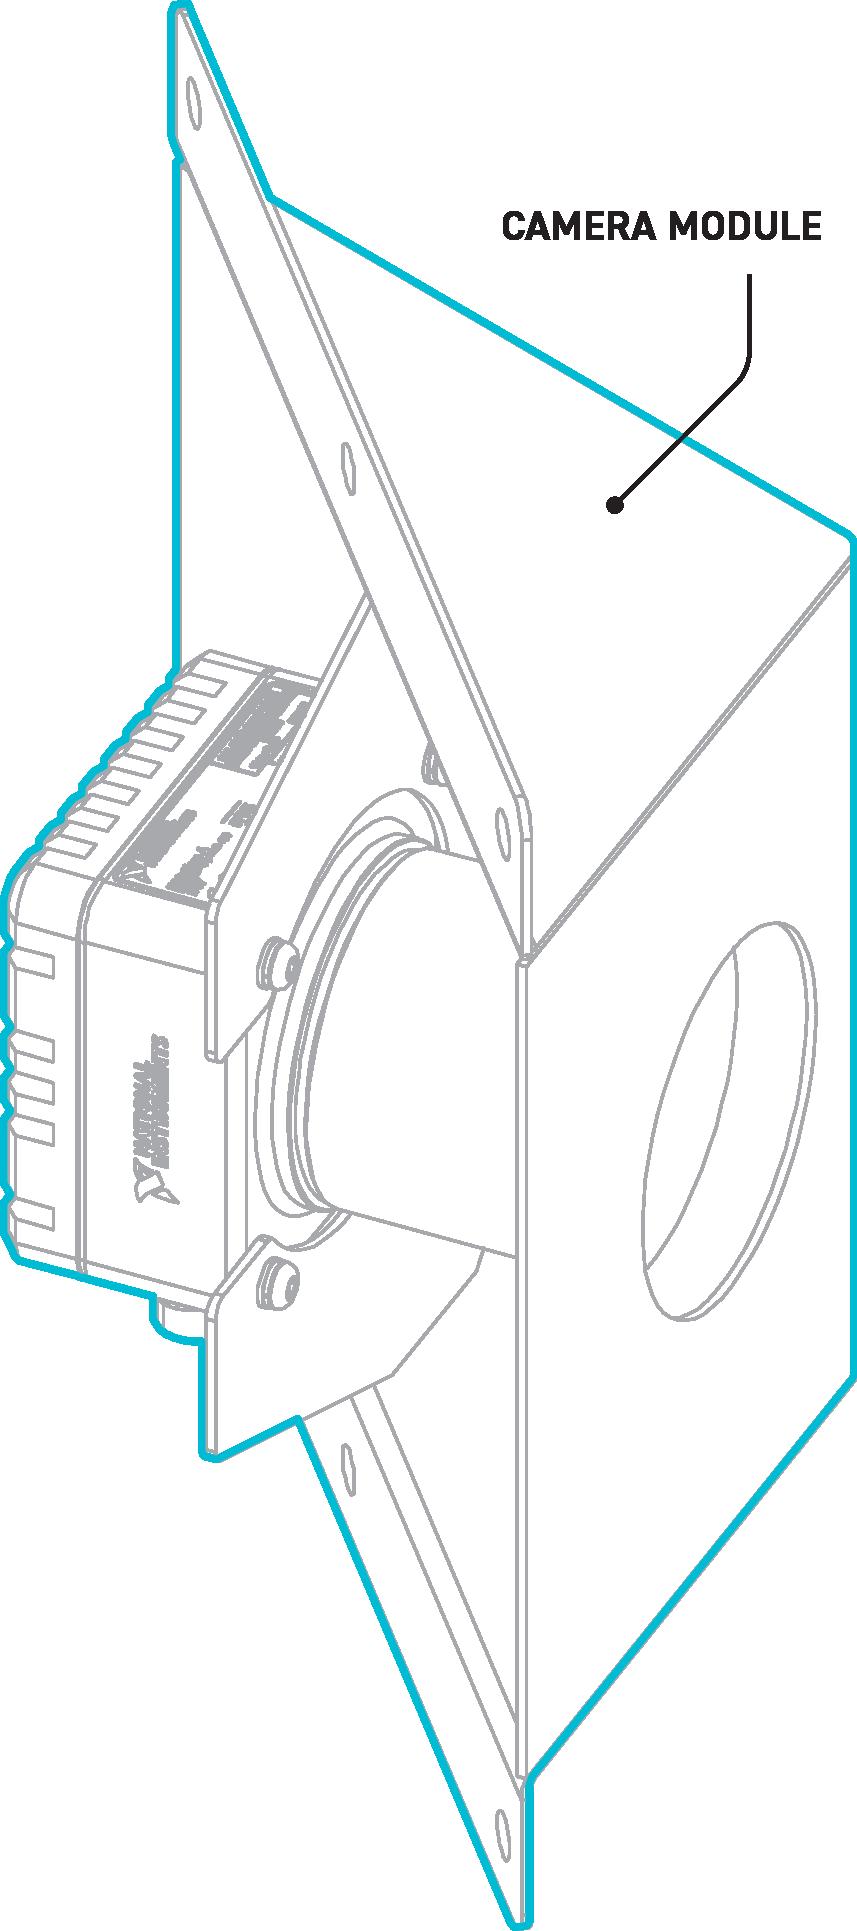 SensorIllustration-v2.png